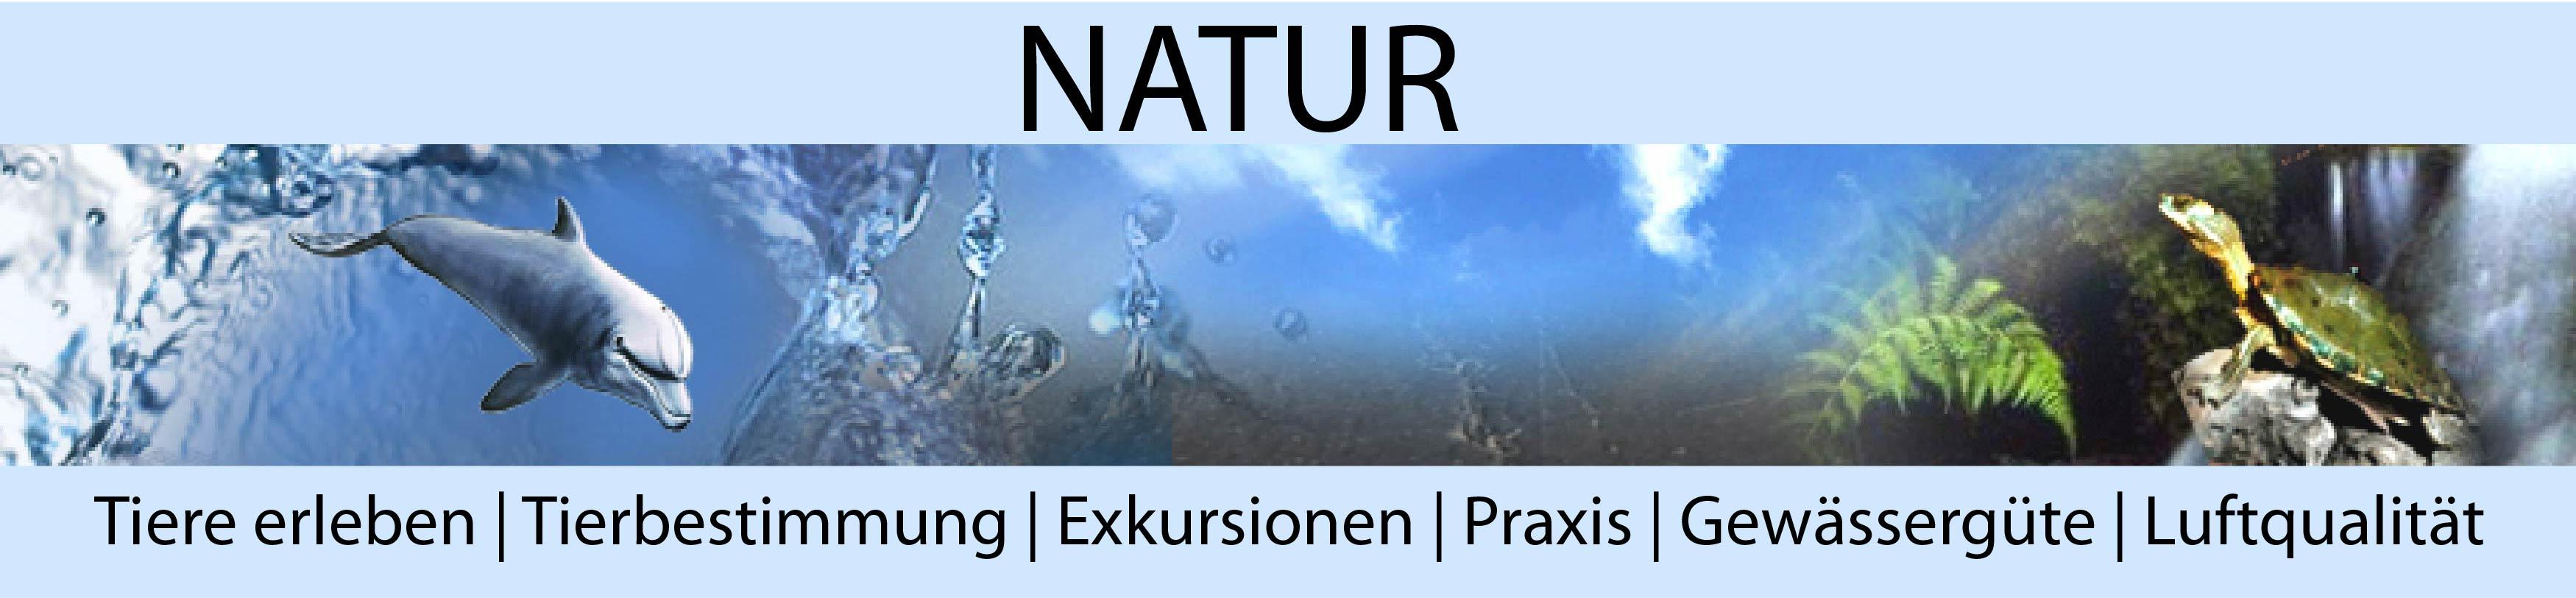 Natur-gross